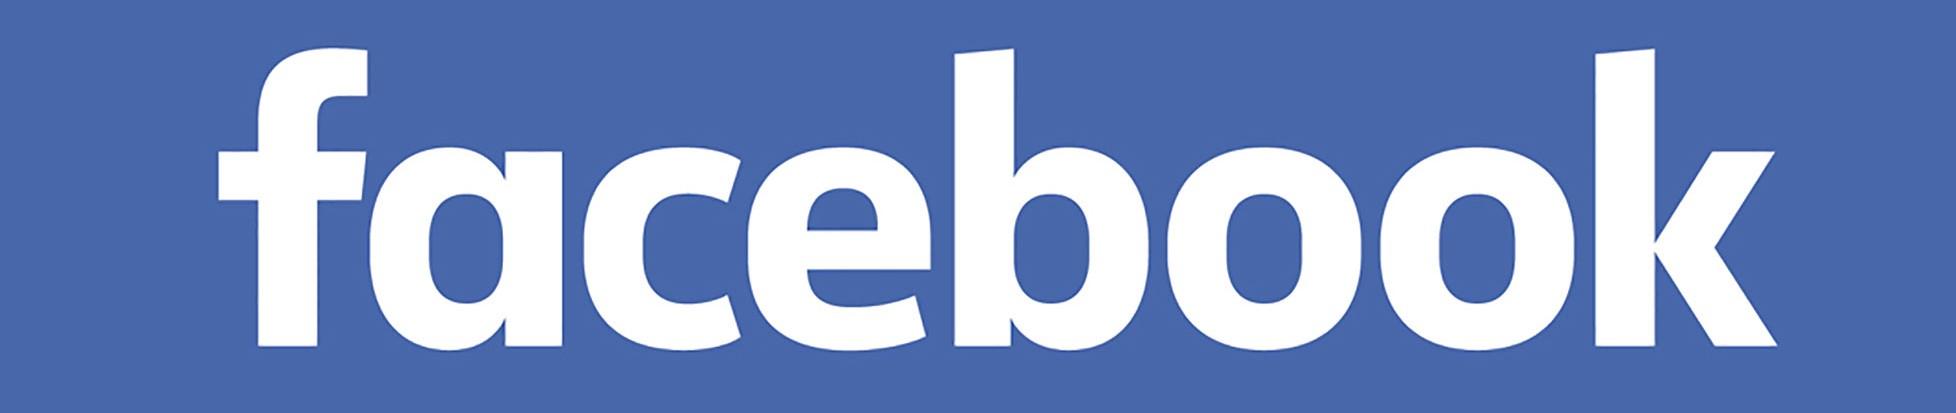 46 estatísticas para ajudar seu planejamento de mídias sociais facebook